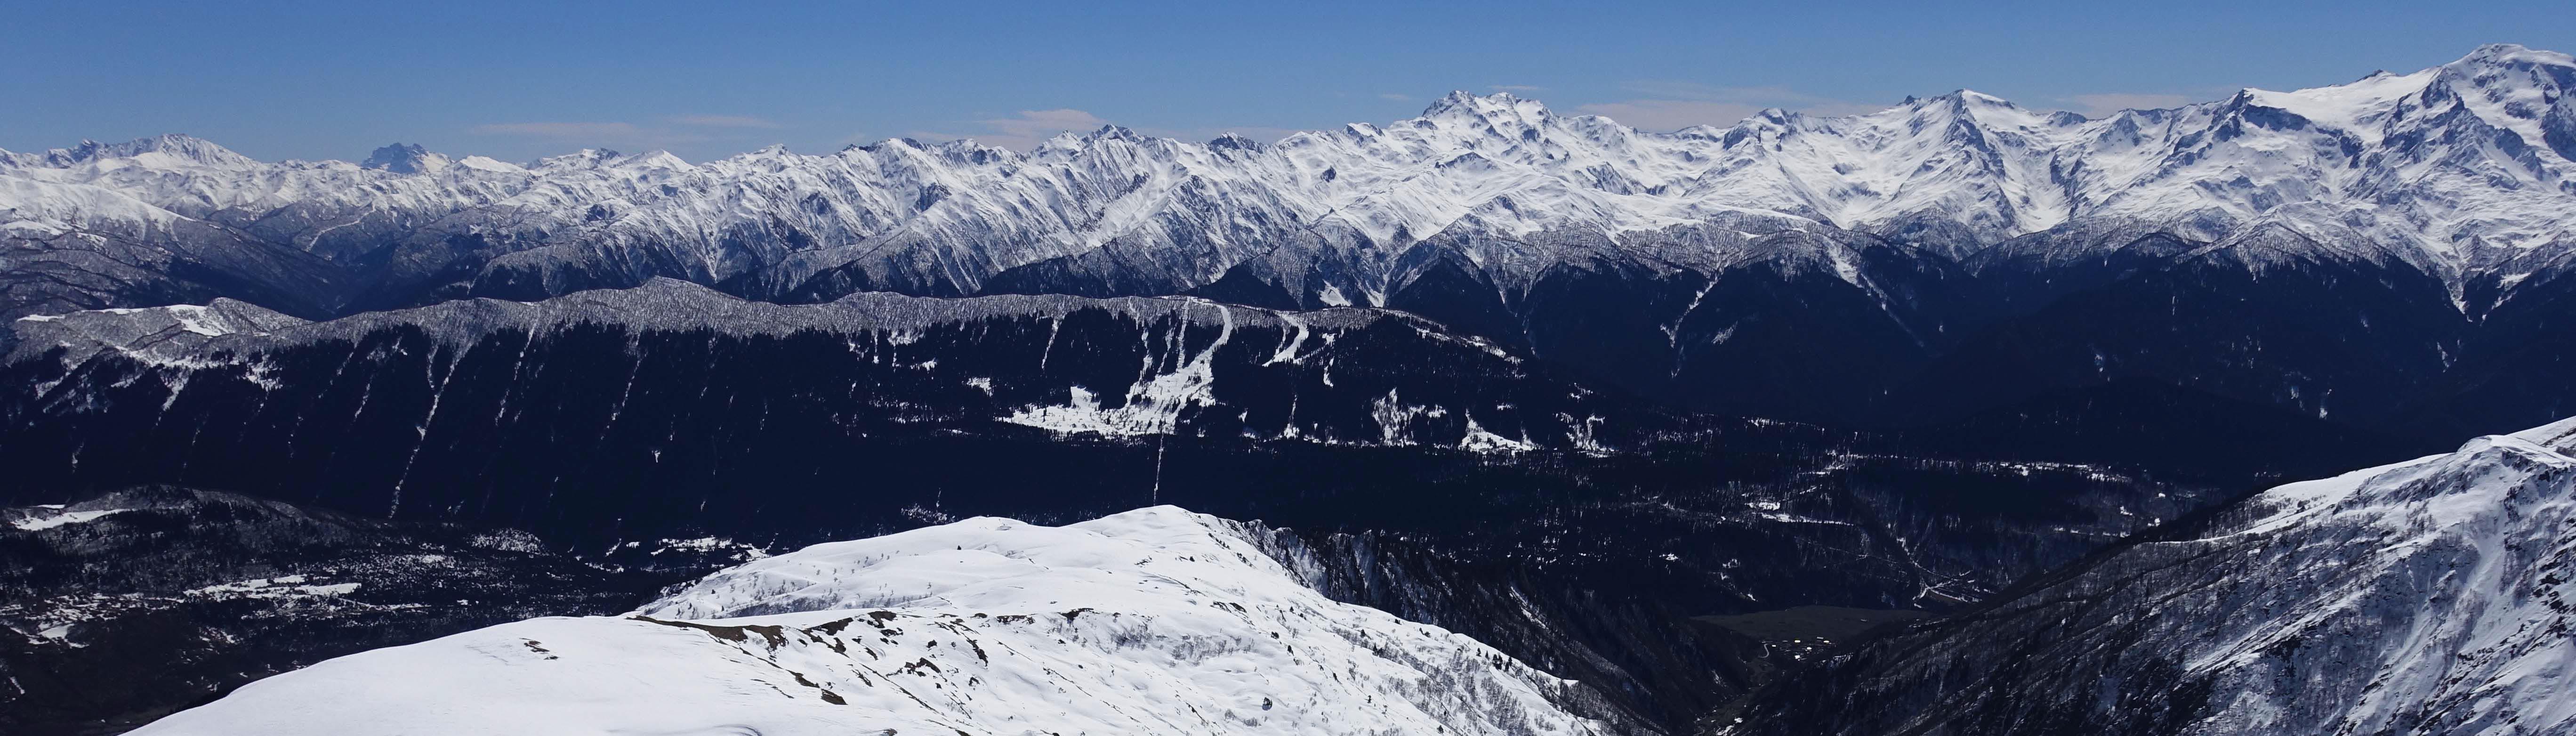 Skitouren Swanetien